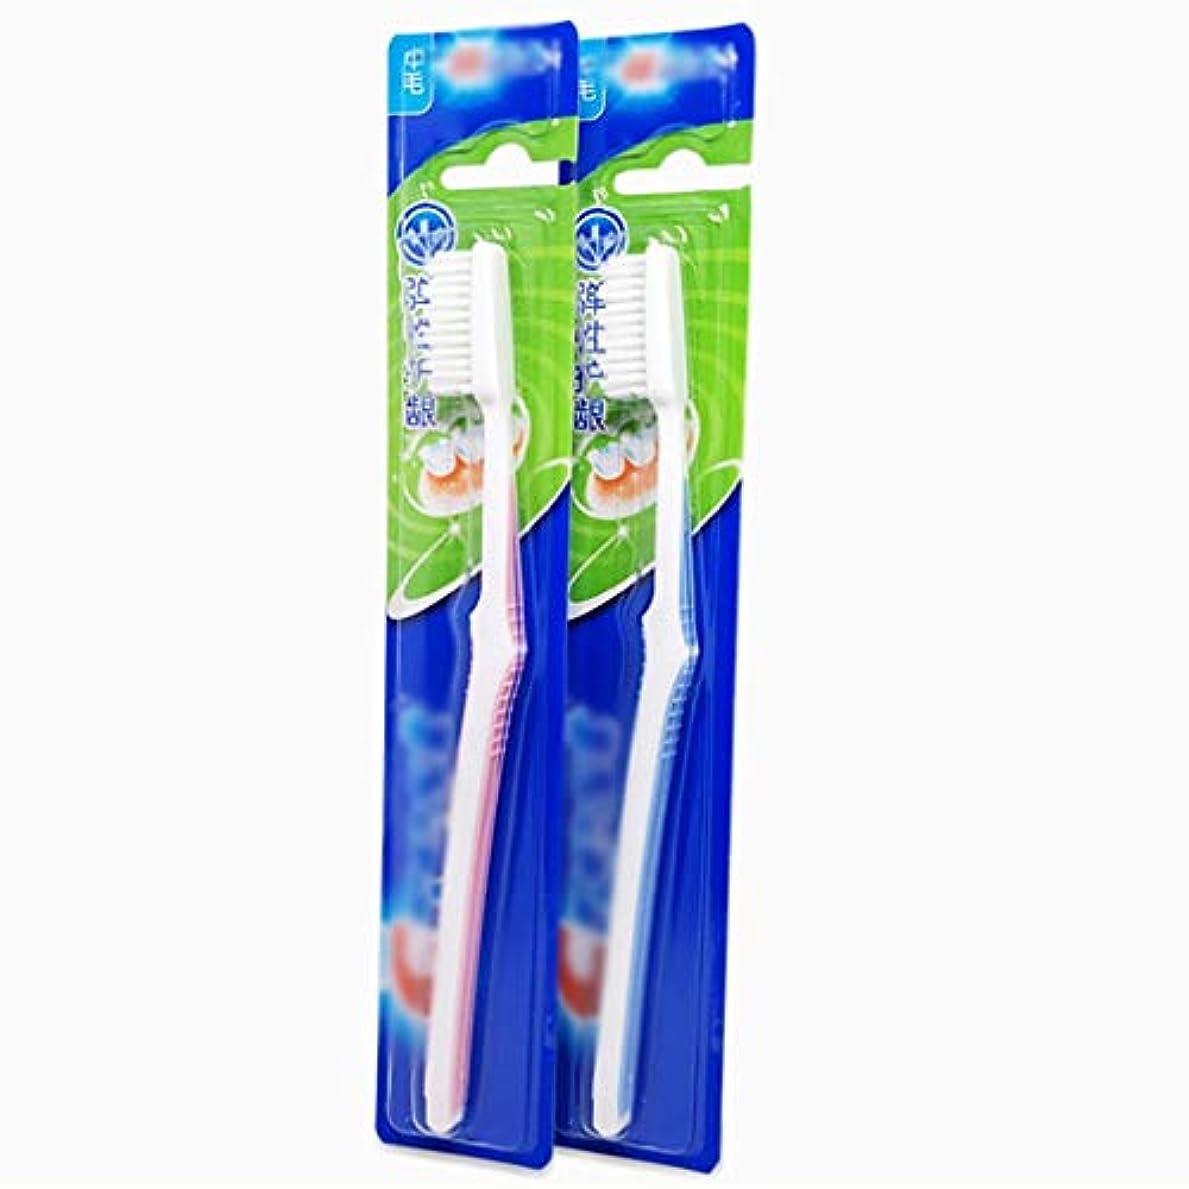 委員長脆い発行クリーン歯ブラシ、ノンスリップハンドル歯ブラシ、12パック(ランダムカラー)